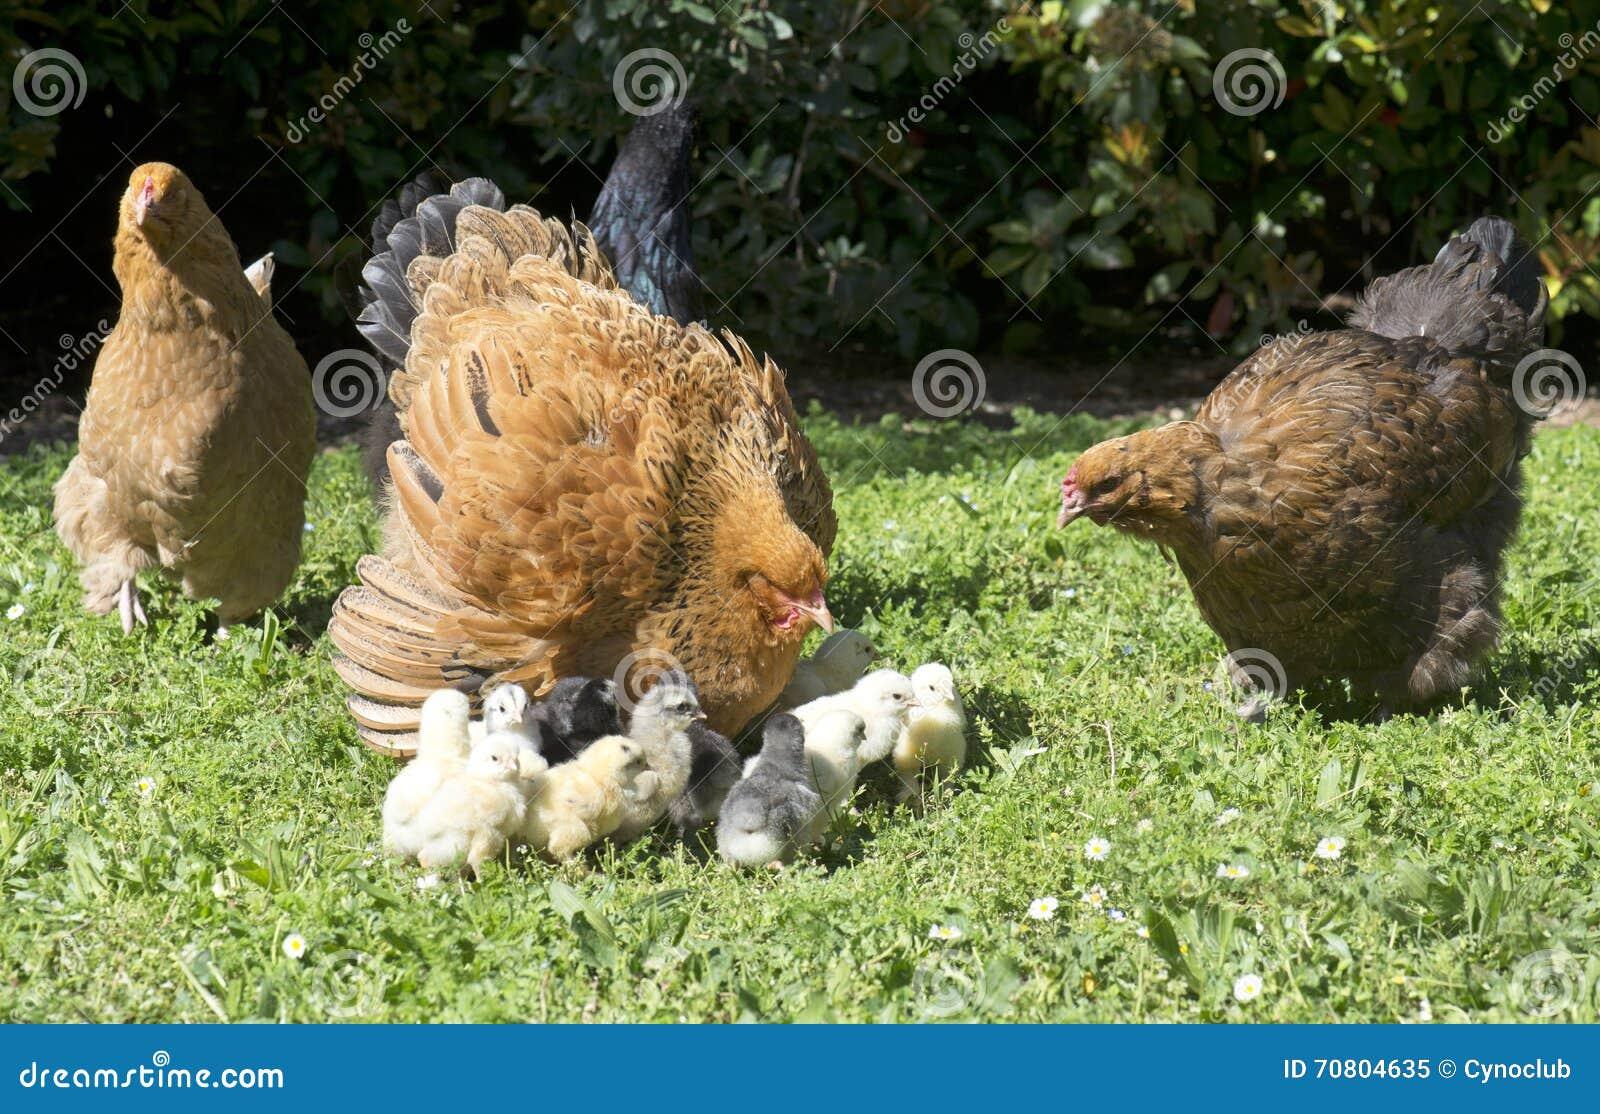 pollo e pulcini di brahma immagine stock immagine di giardino 70804635. Black Bedroom Furniture Sets. Home Design Ideas